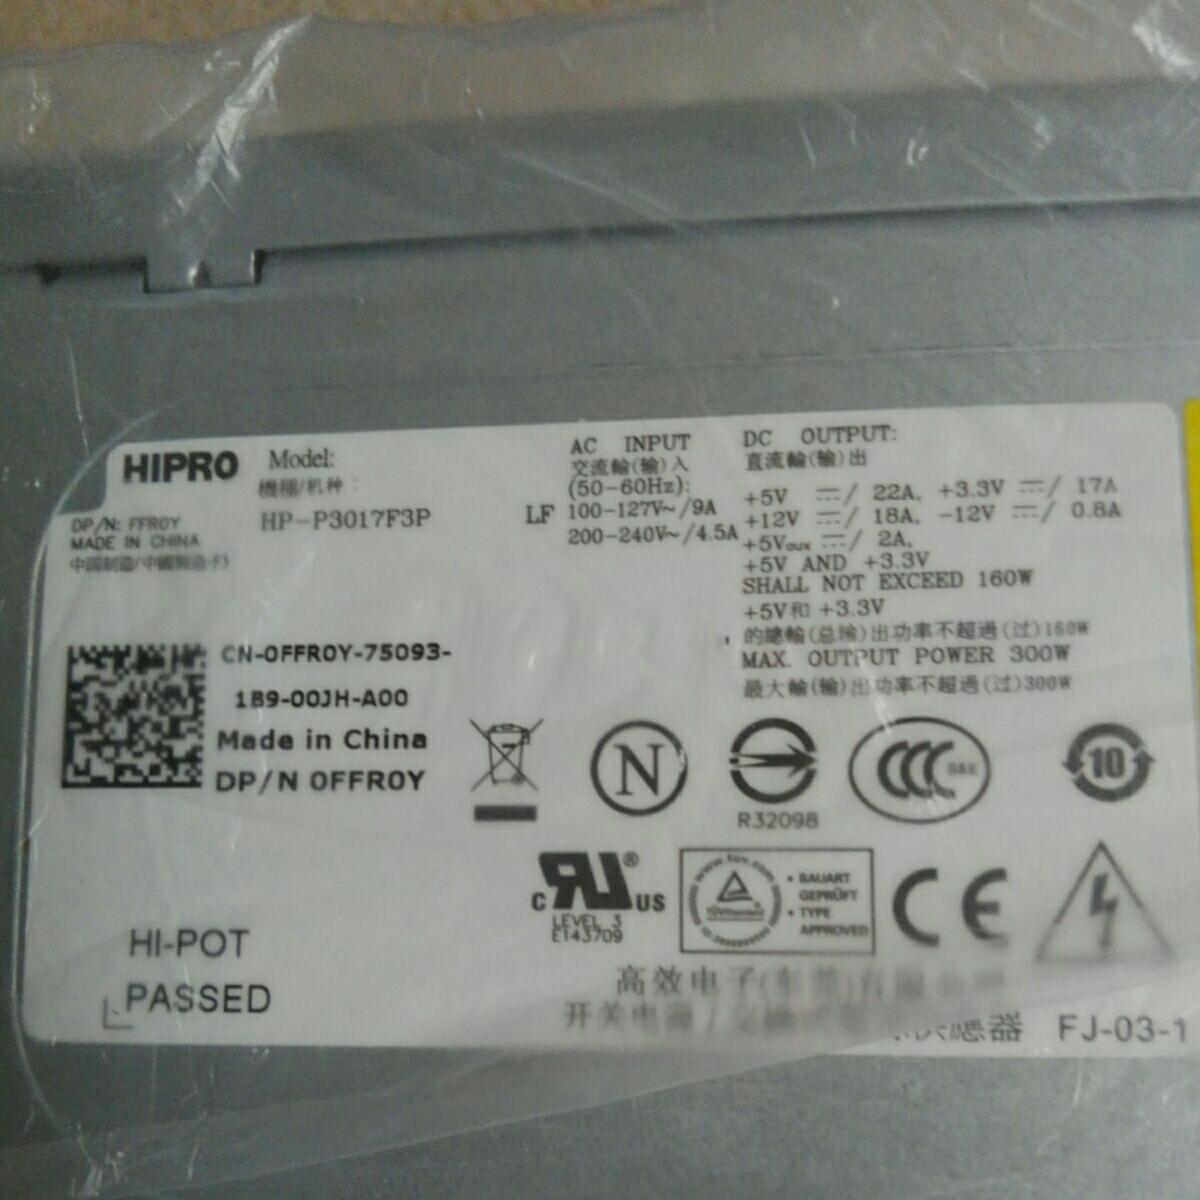 HIPRO HP-P3017F3 デルデスクトップPC用電源ユニット  発送ゆうパック